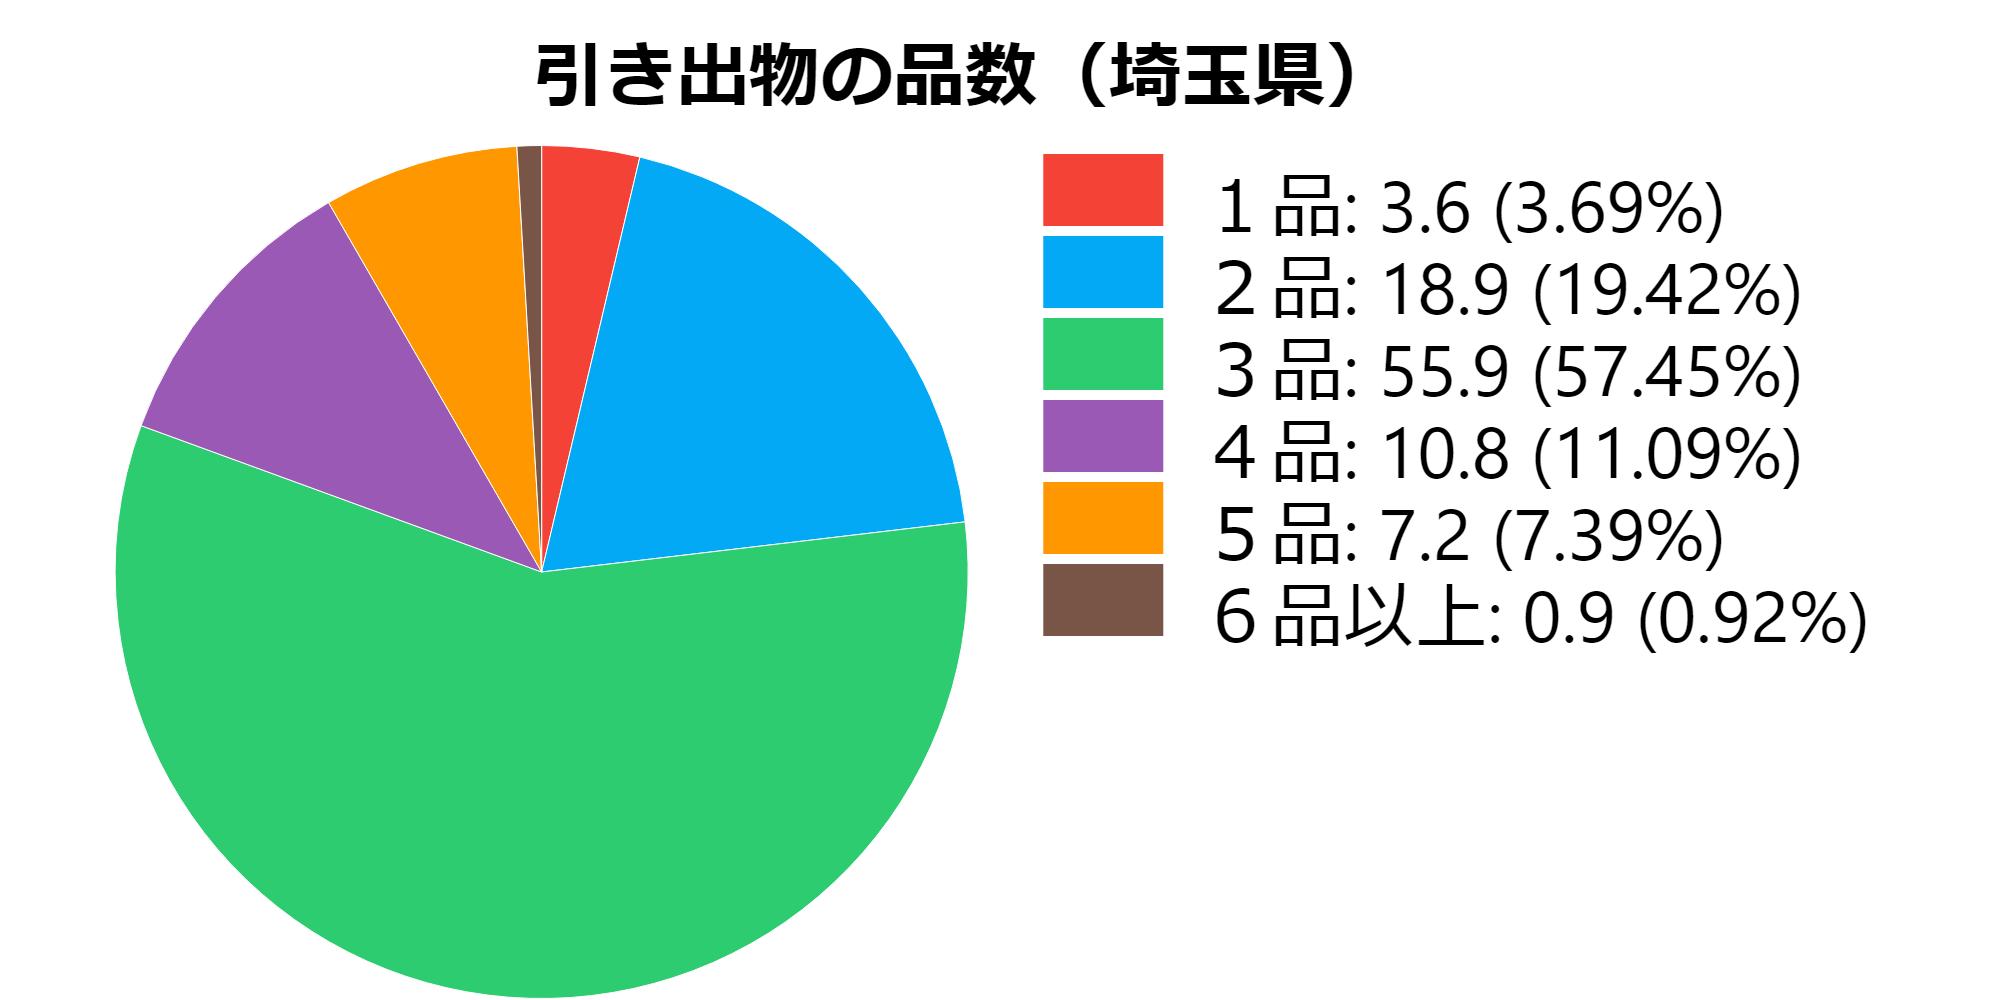 品数(埼玉県)